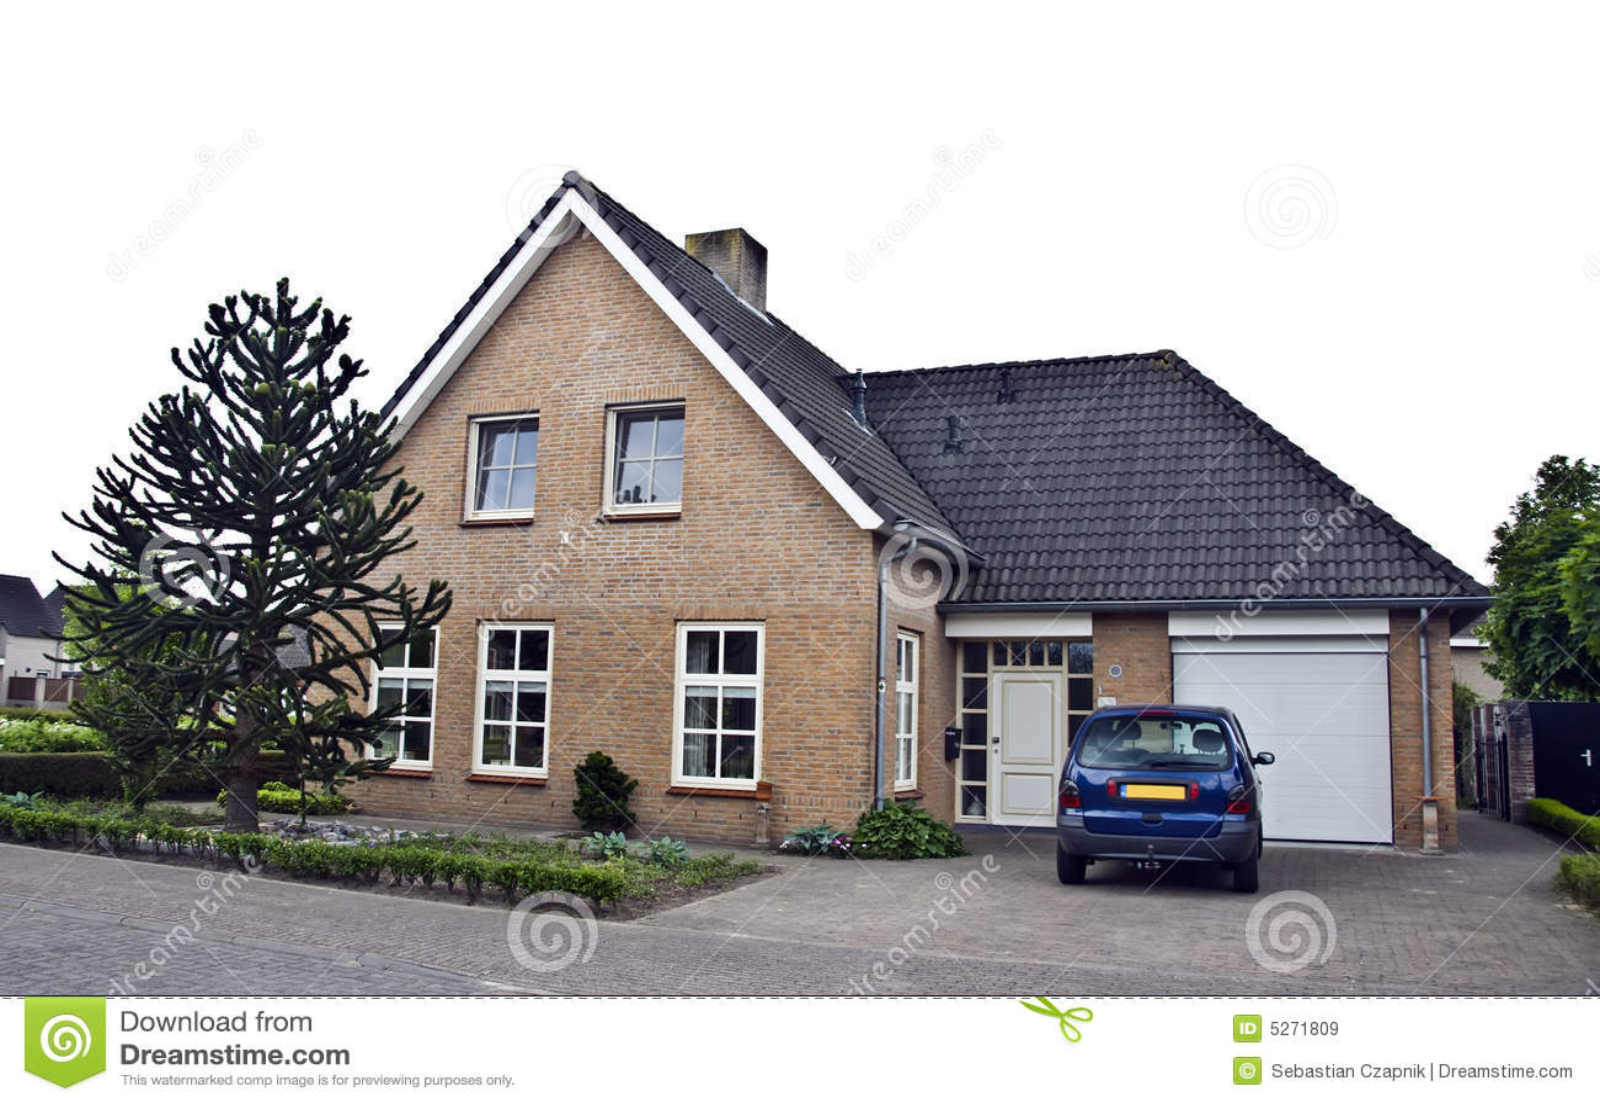 Casa e jardim modernos imagens de stock royalty free for Casa holandesa moderna